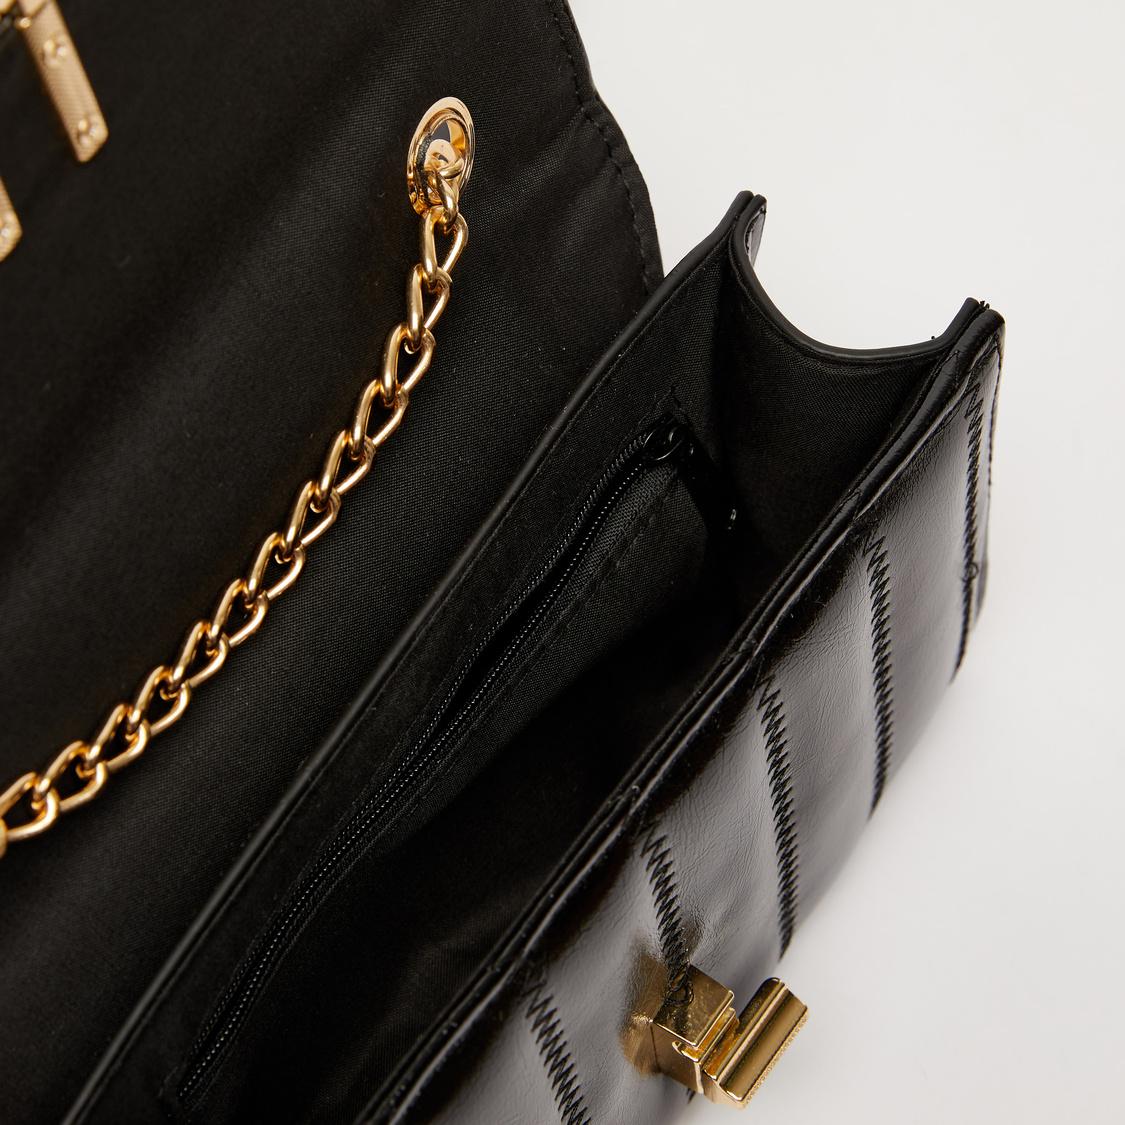 Quilt Stitched Satchel Bag with Flap Closure